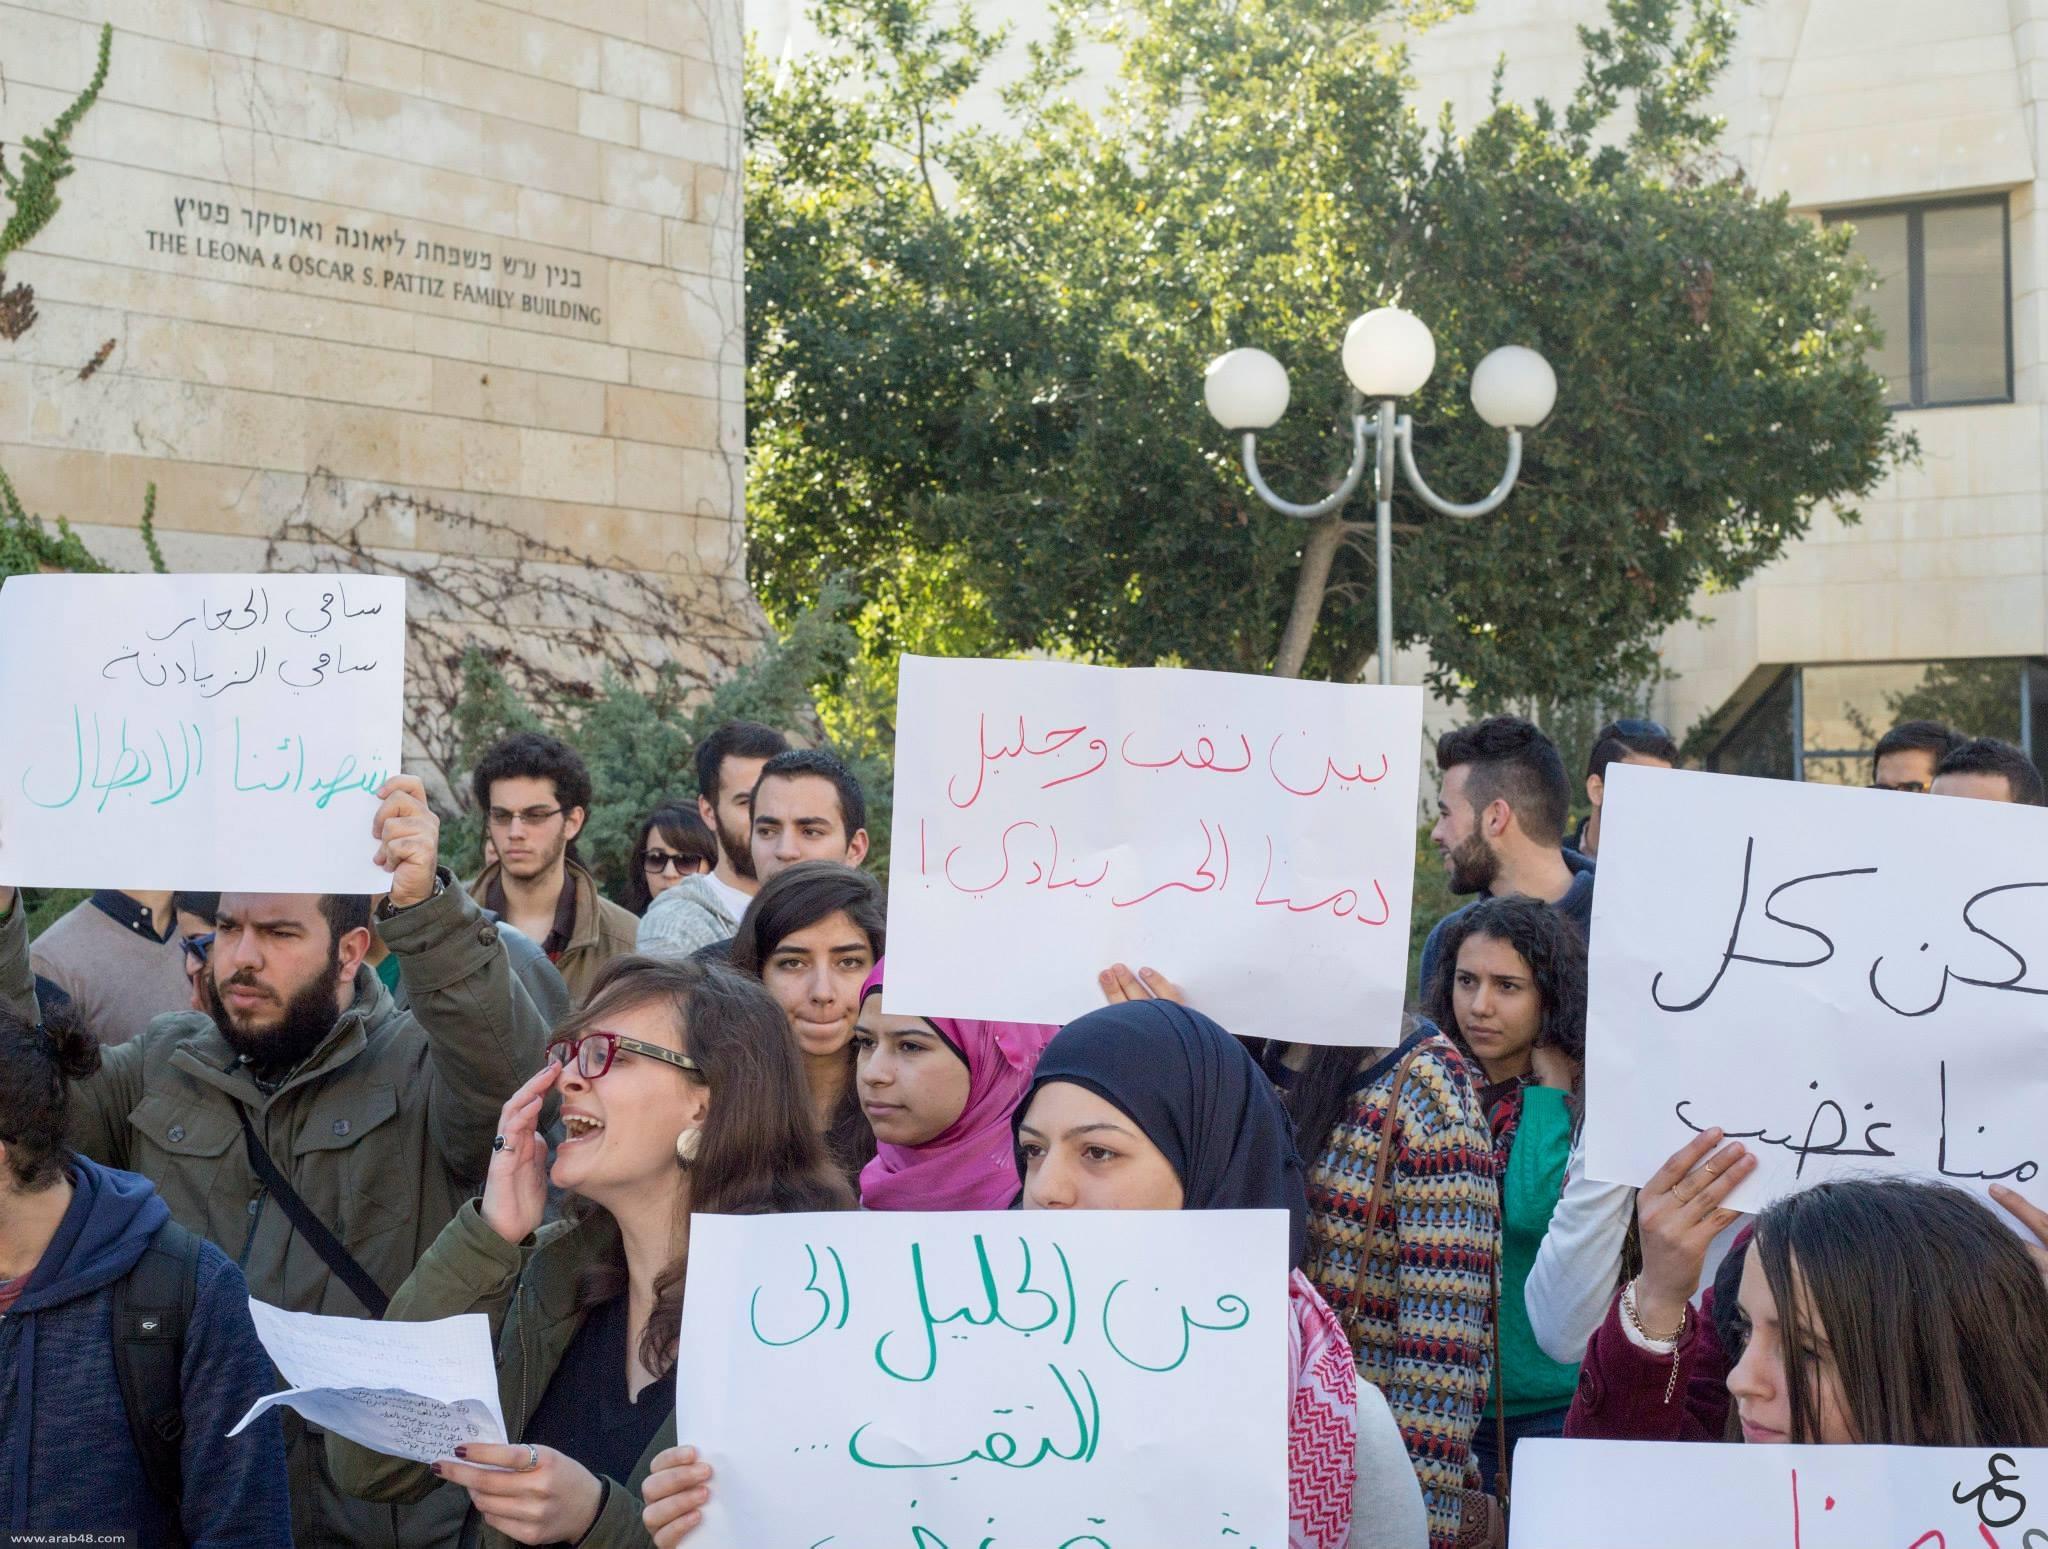 تظاهرات طلابية في حيفا وتل أبيب والقدس واعتقالات في بئر السبع